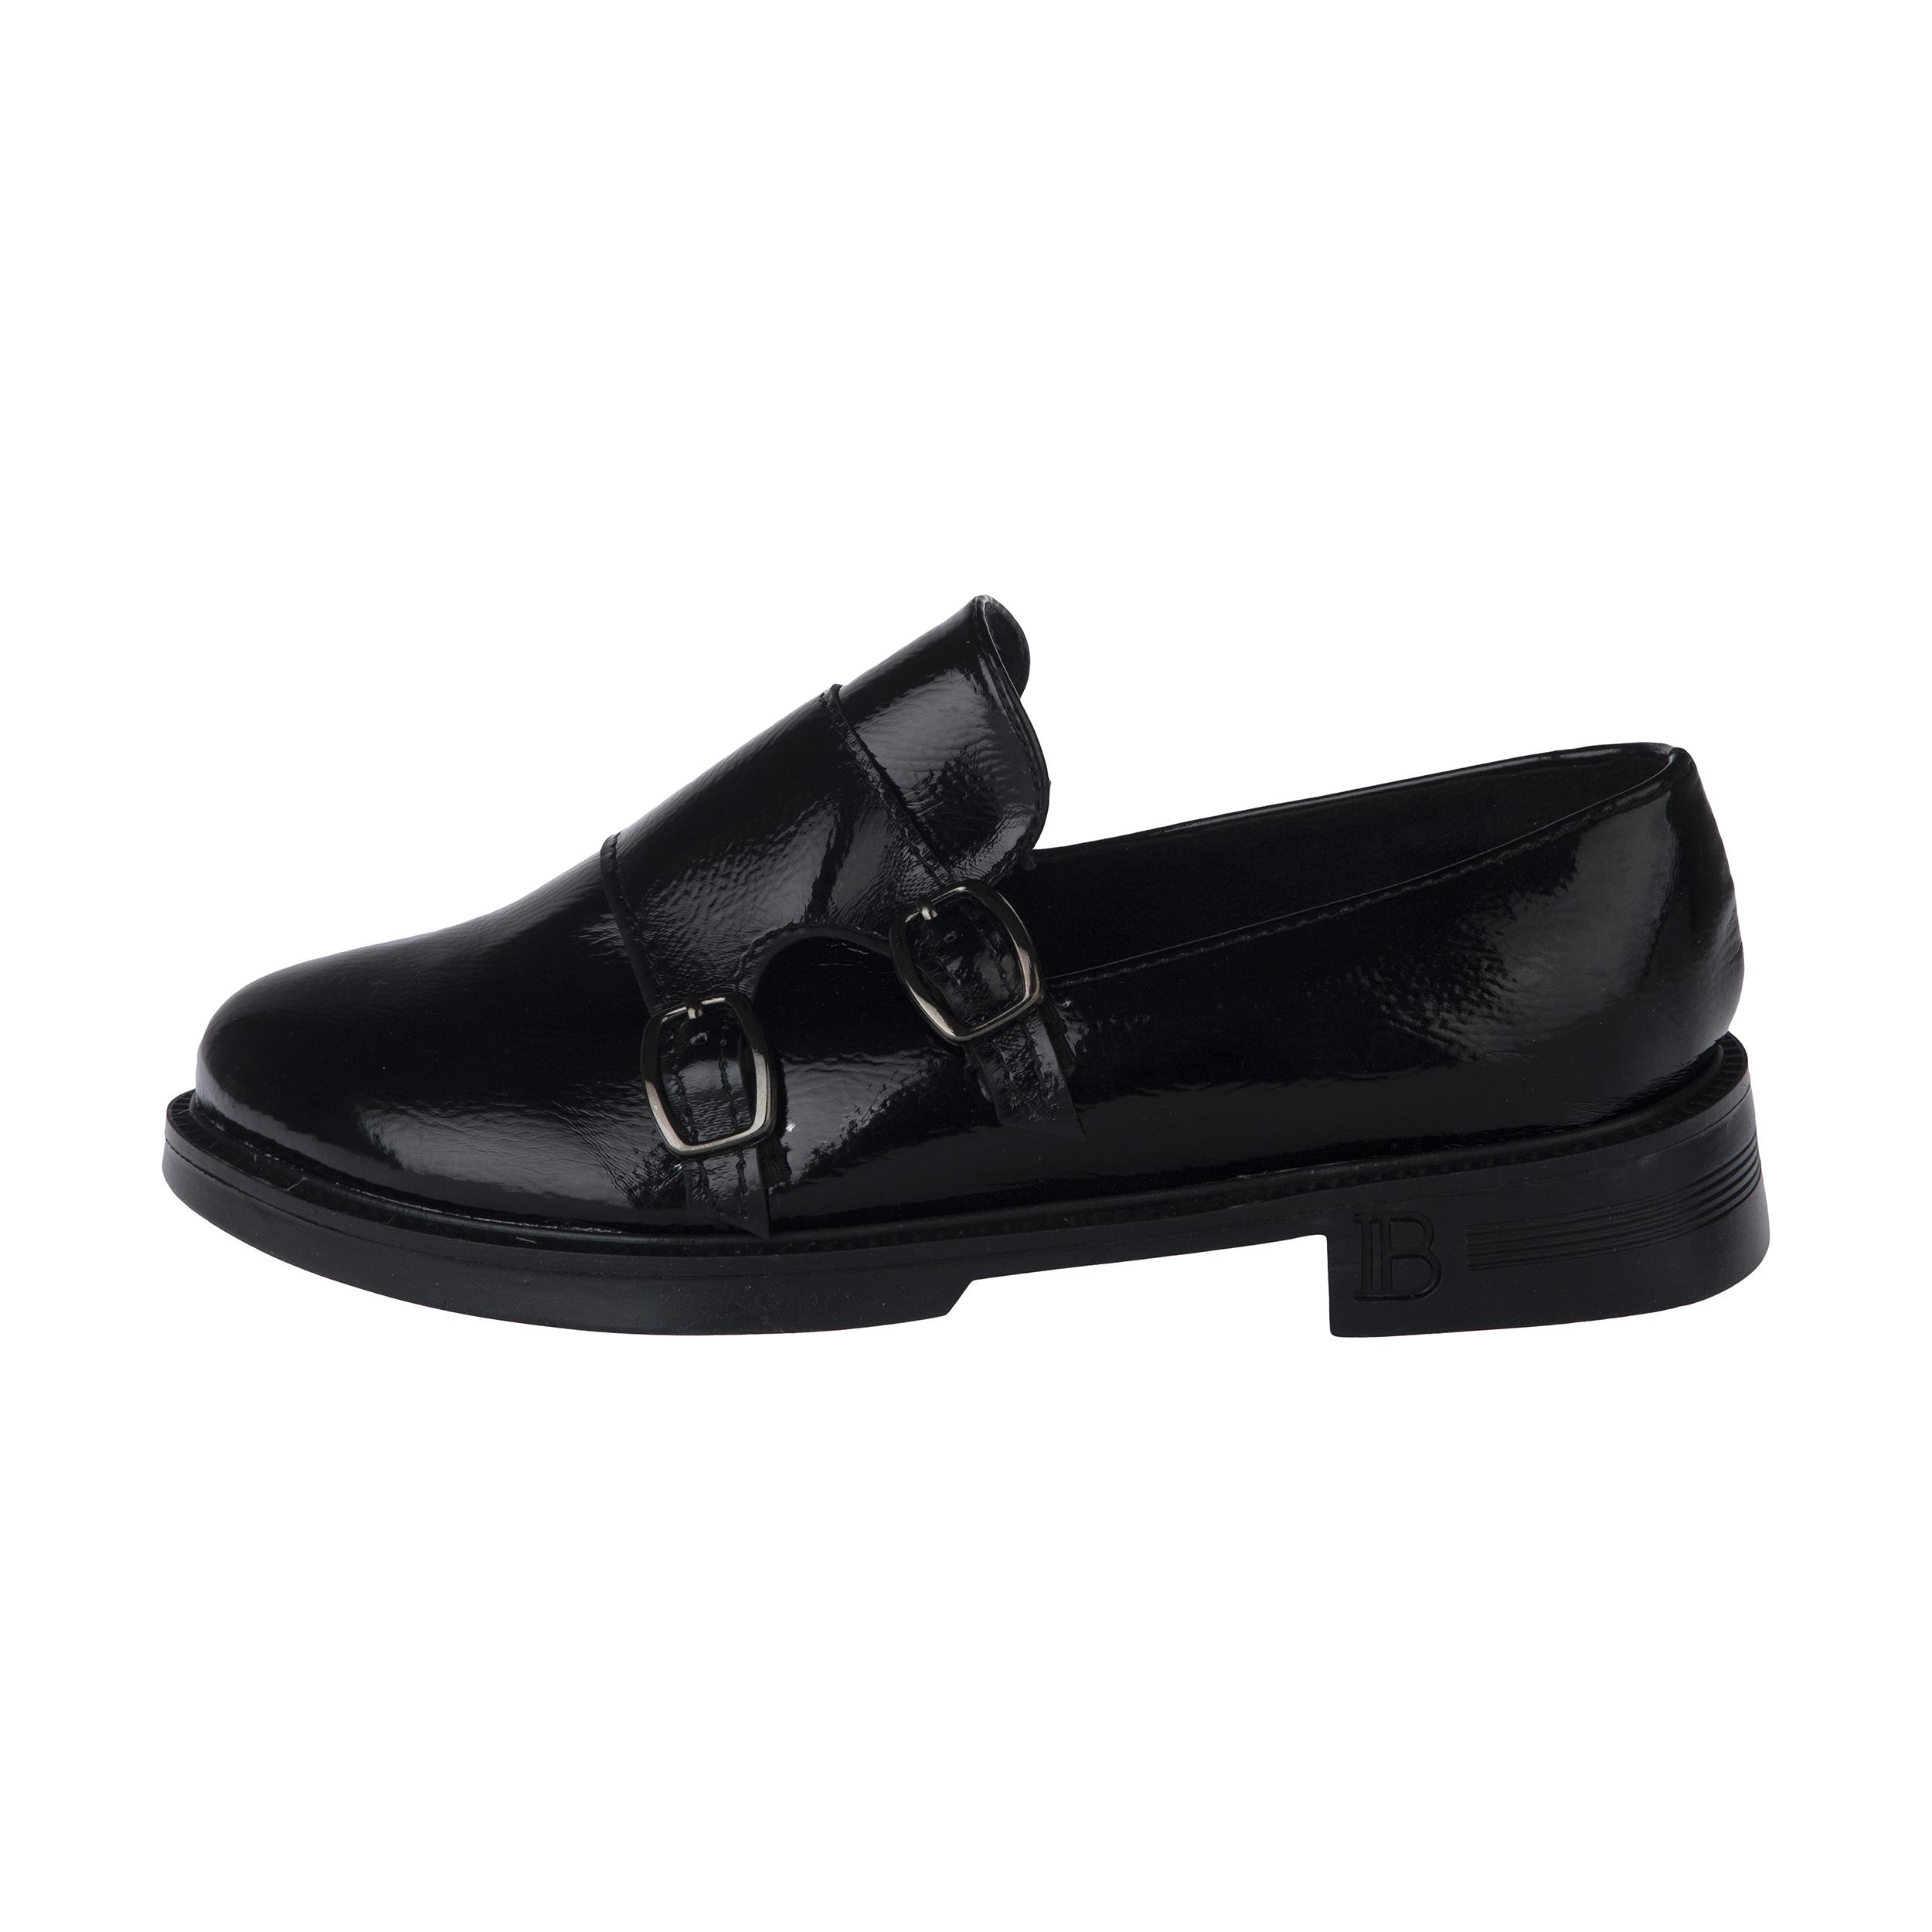 کفش روزمره زنانه لبتو مدل 1089-99